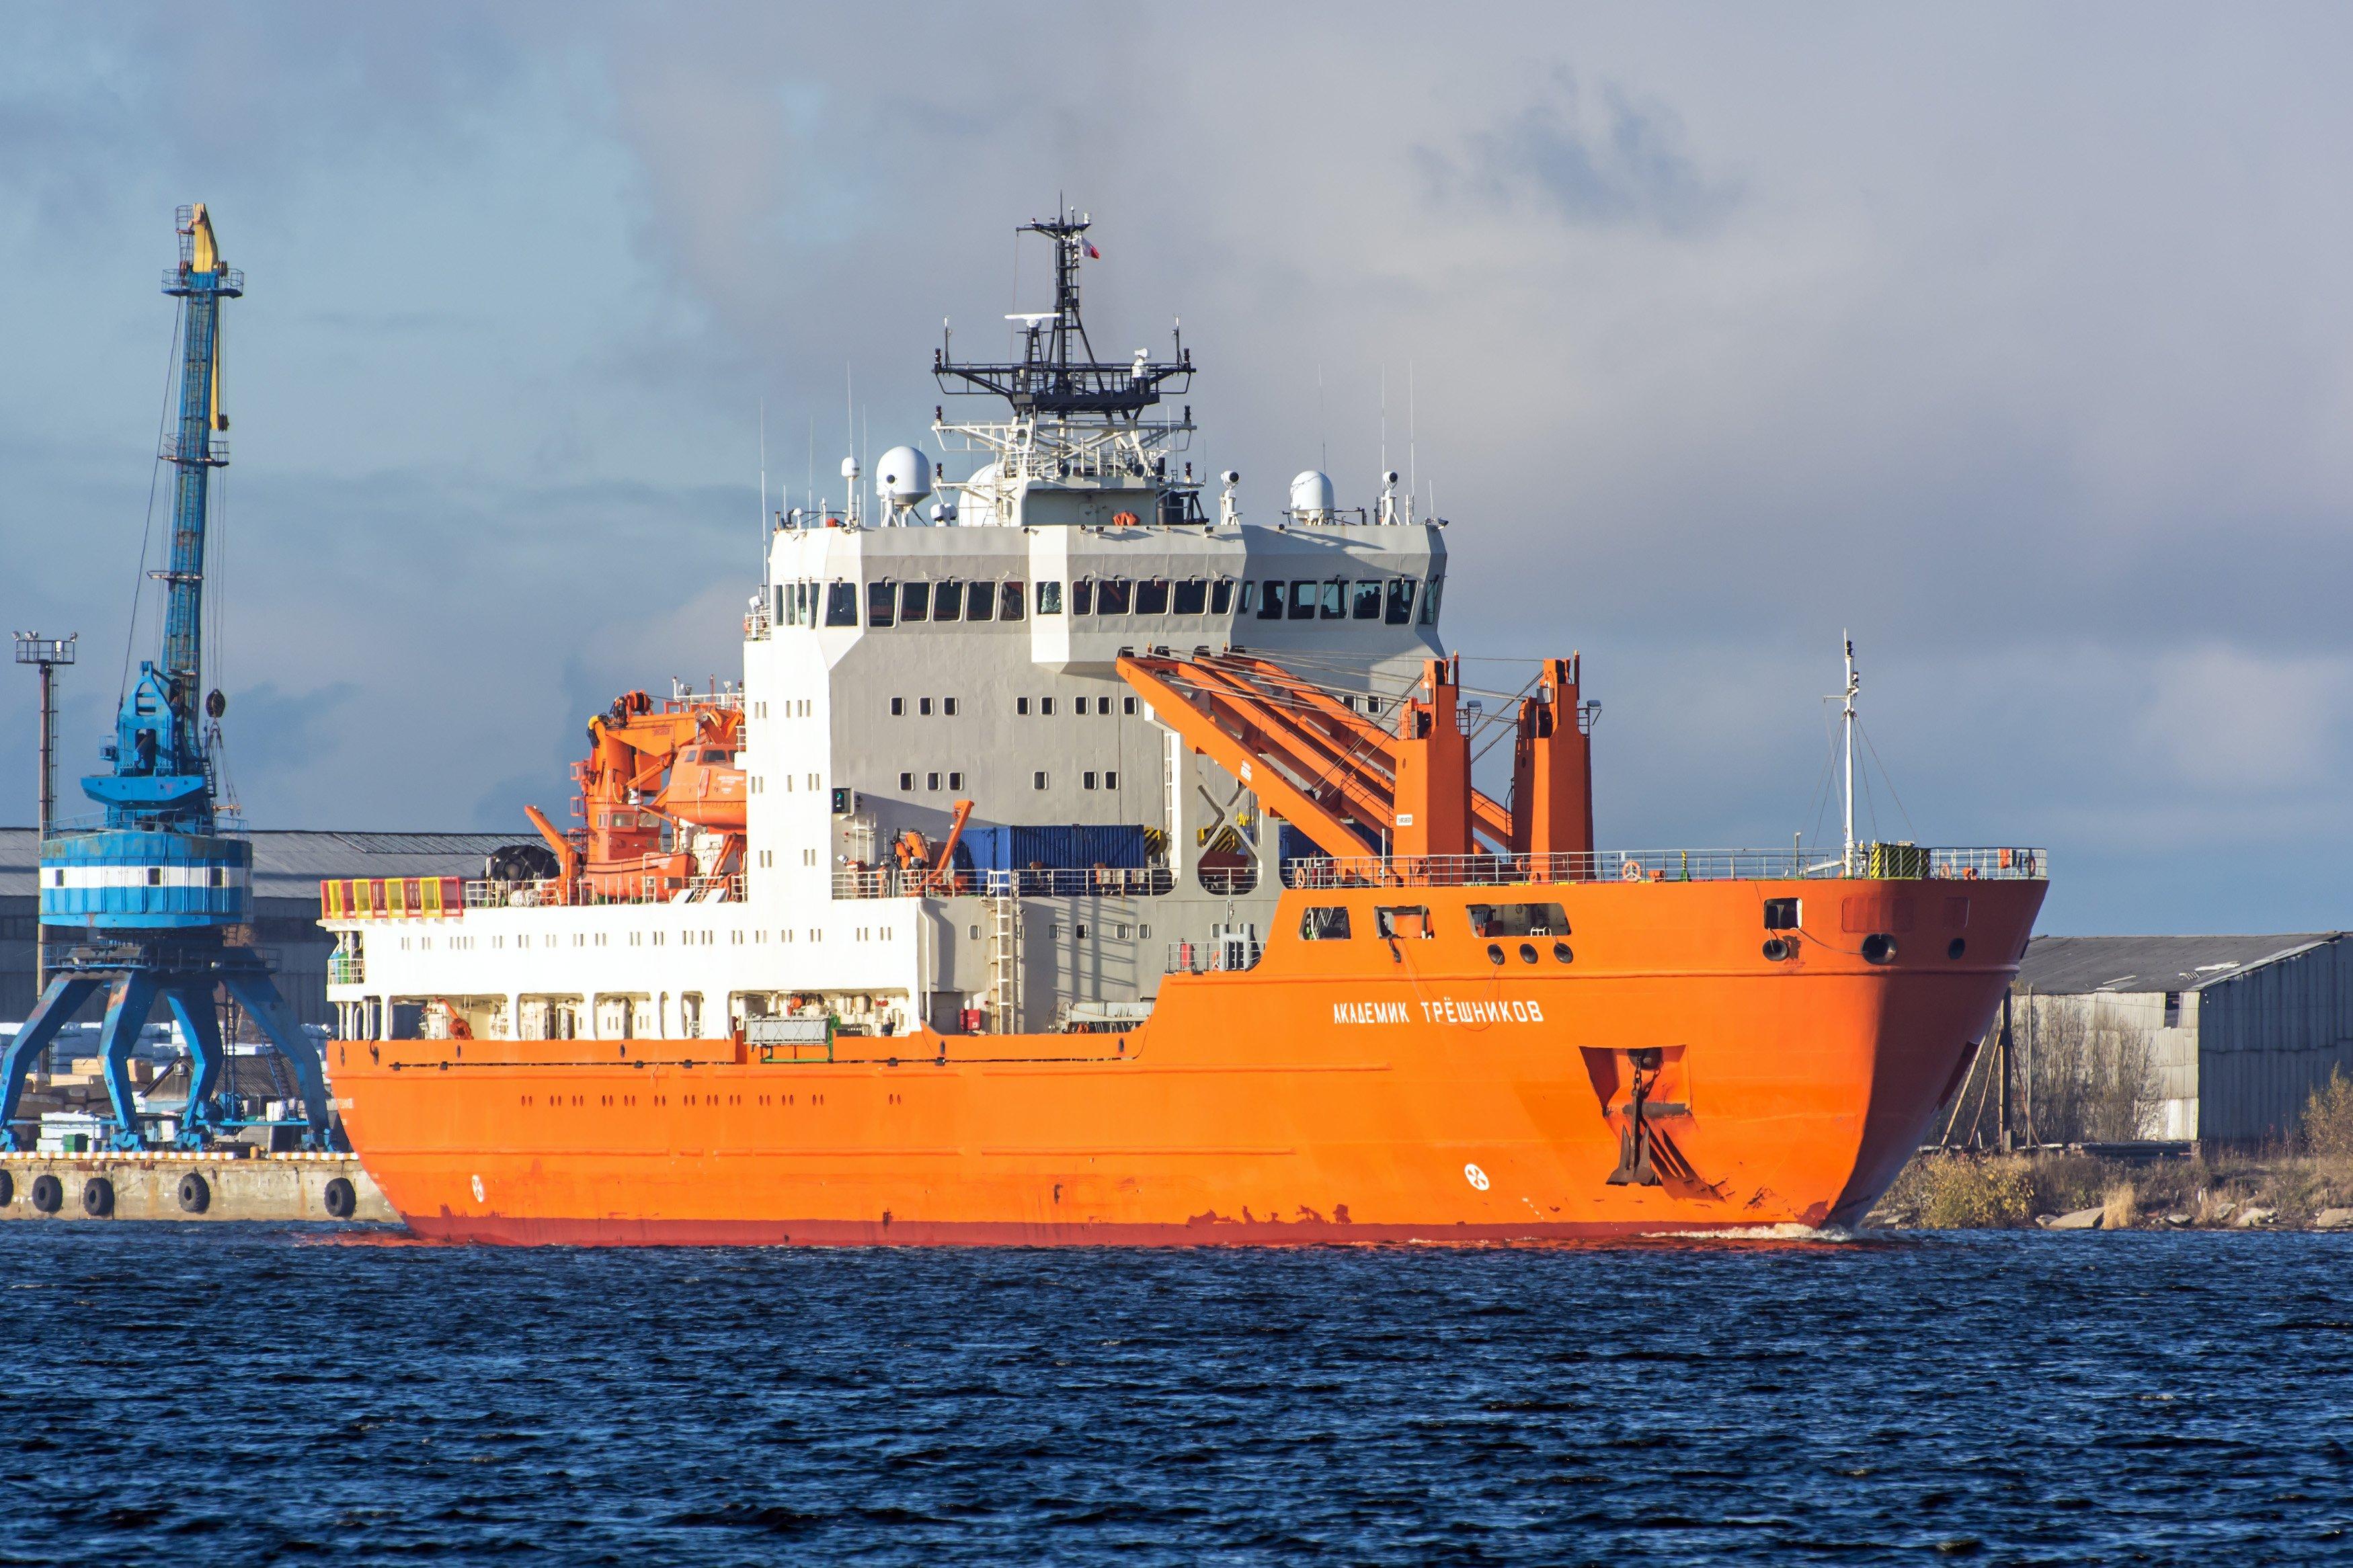 Корабль Академик Трешников вернулся в Петербург из кругосветной экспедиции